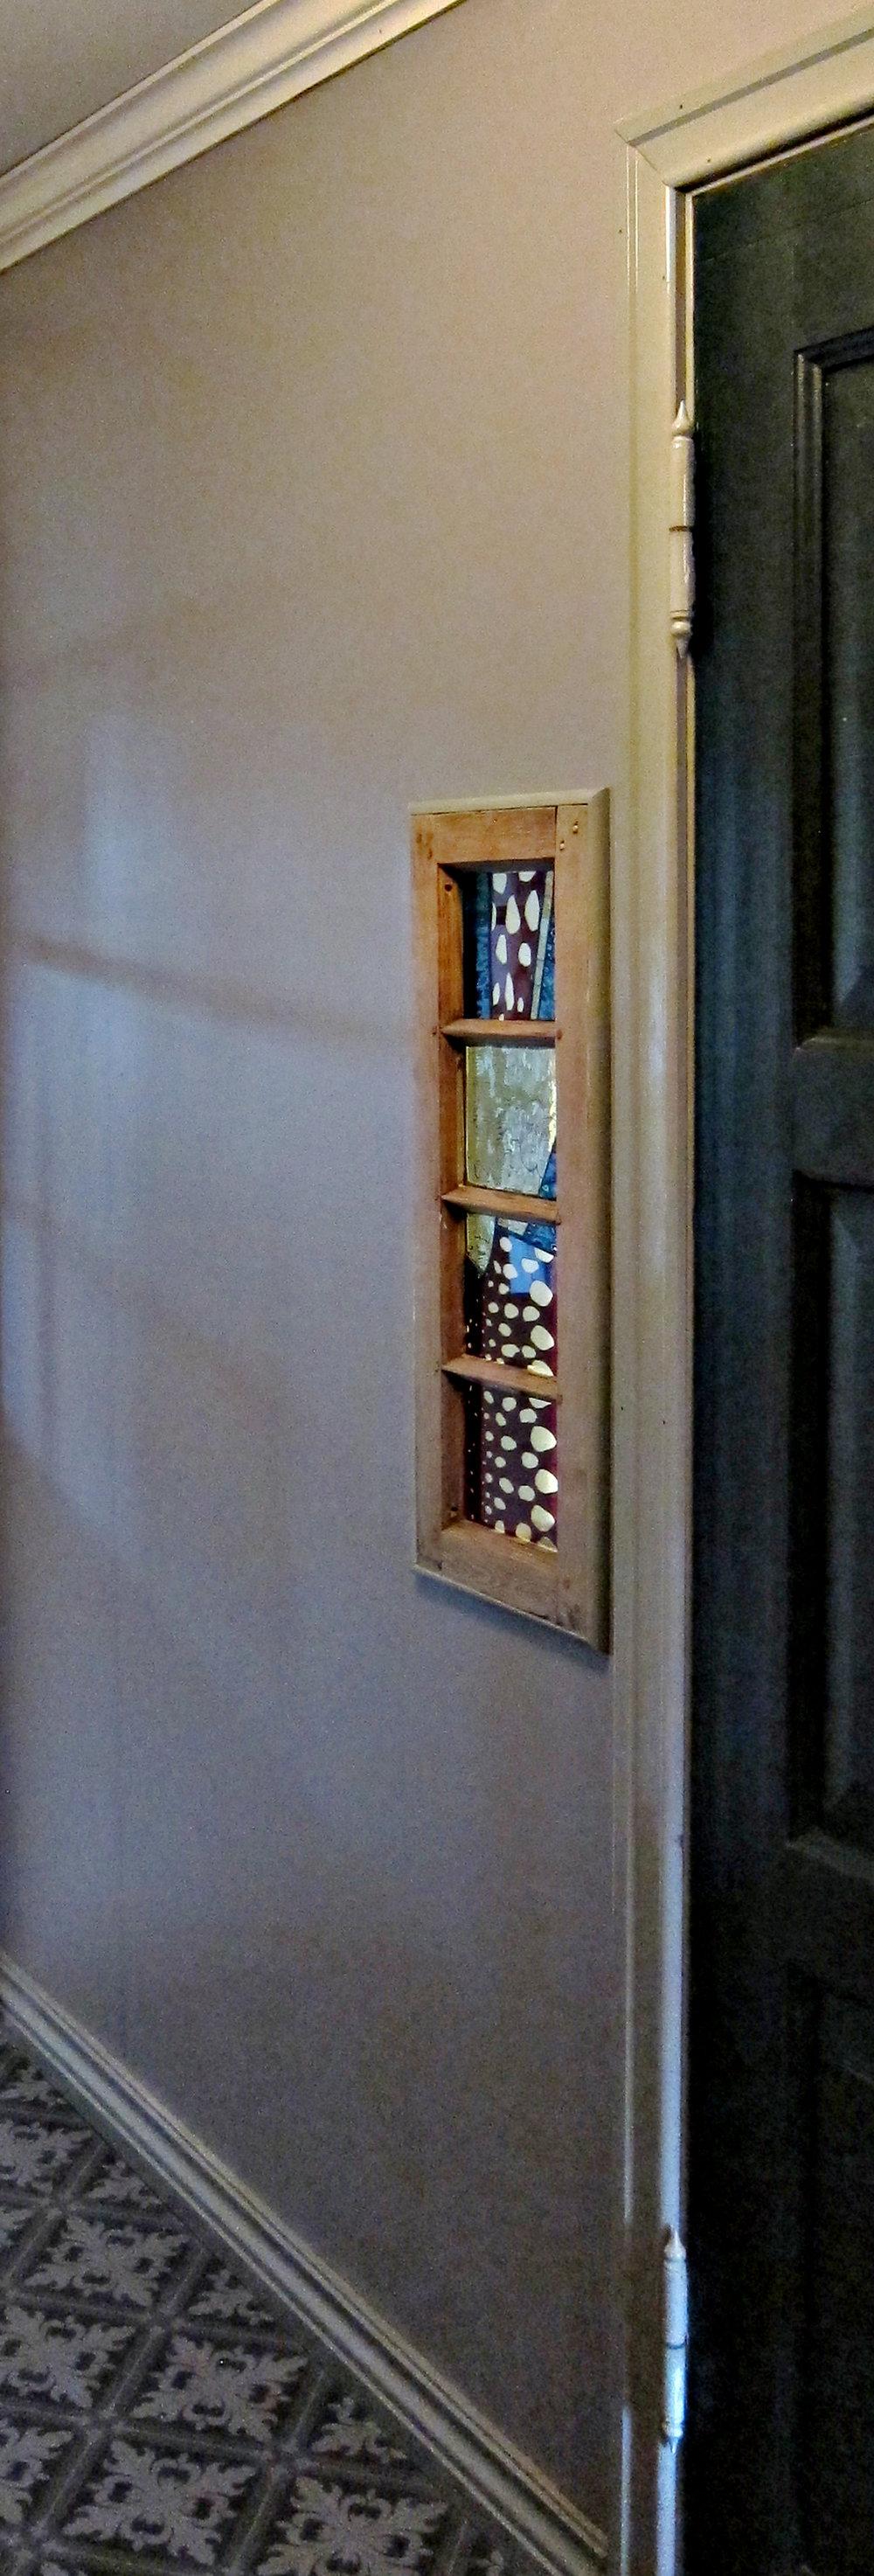 D  Linjordshagen. Randi og Terje bygde om huset sitt og på badet ble det laget en åpning i veggen spesielt med tanken for et glassmaleri..jpg